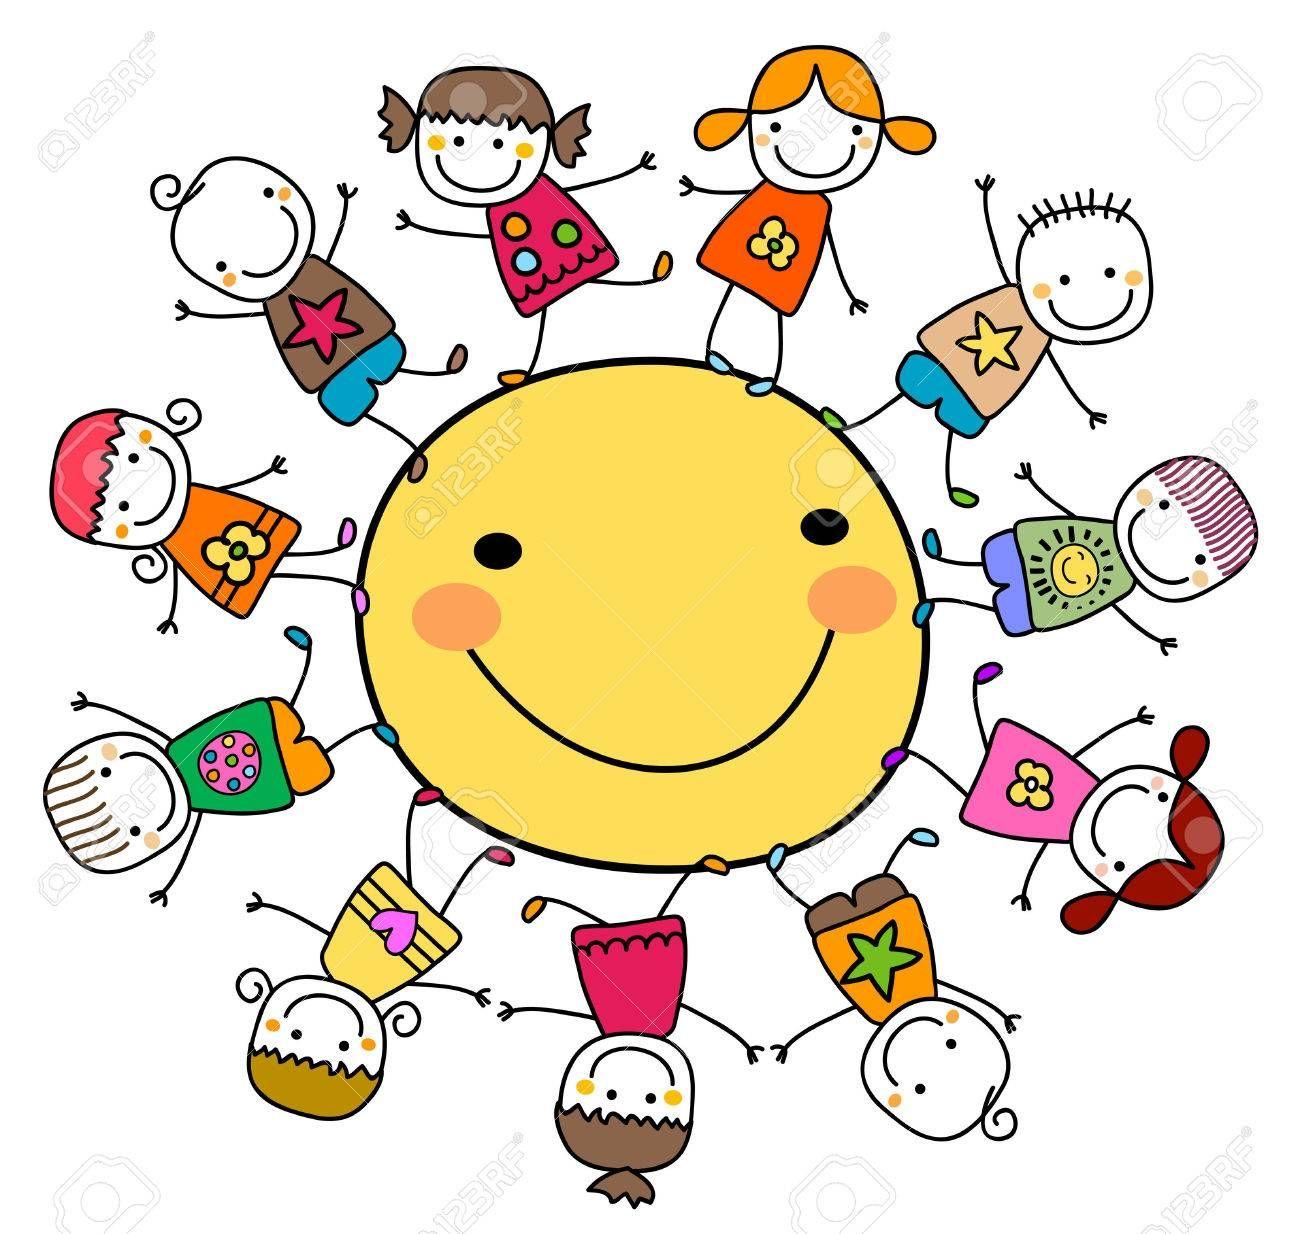 Felici I Bambini Che Giocano Intorno Al Sole Giochi Per Bambini Immagini Di Bambini Disegni Bambini